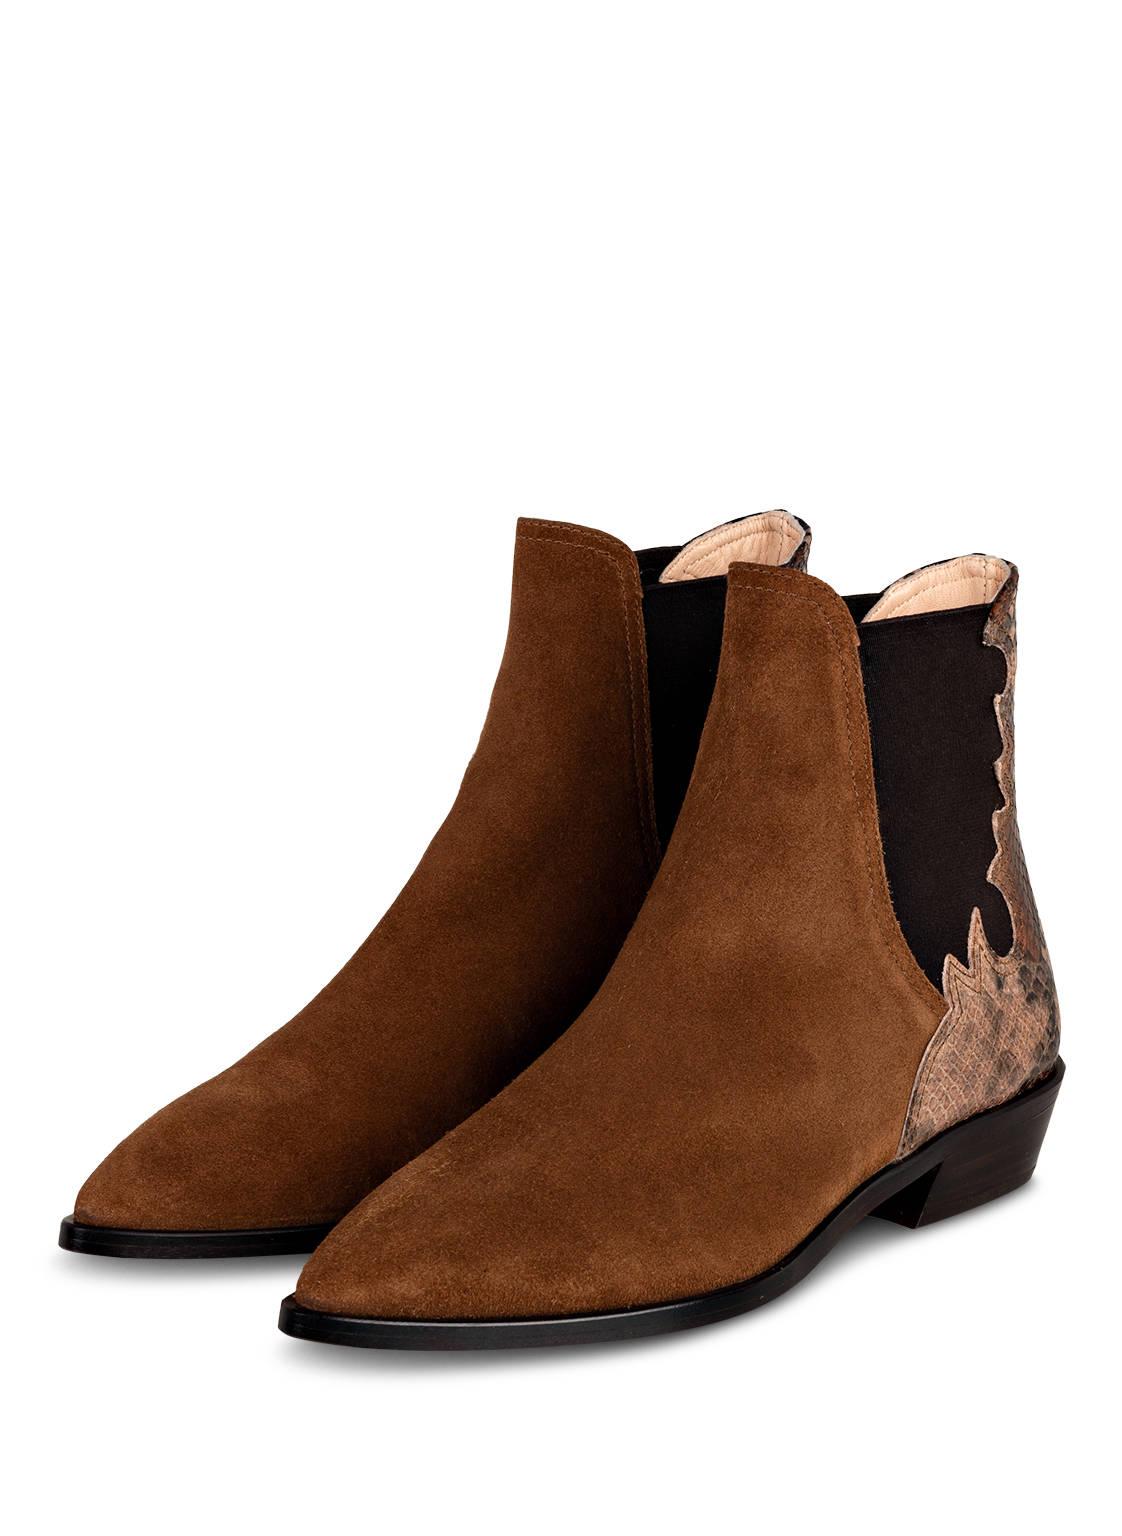 Image of Agl Attilio Giusti Leombruni Chelsea-Boots braun